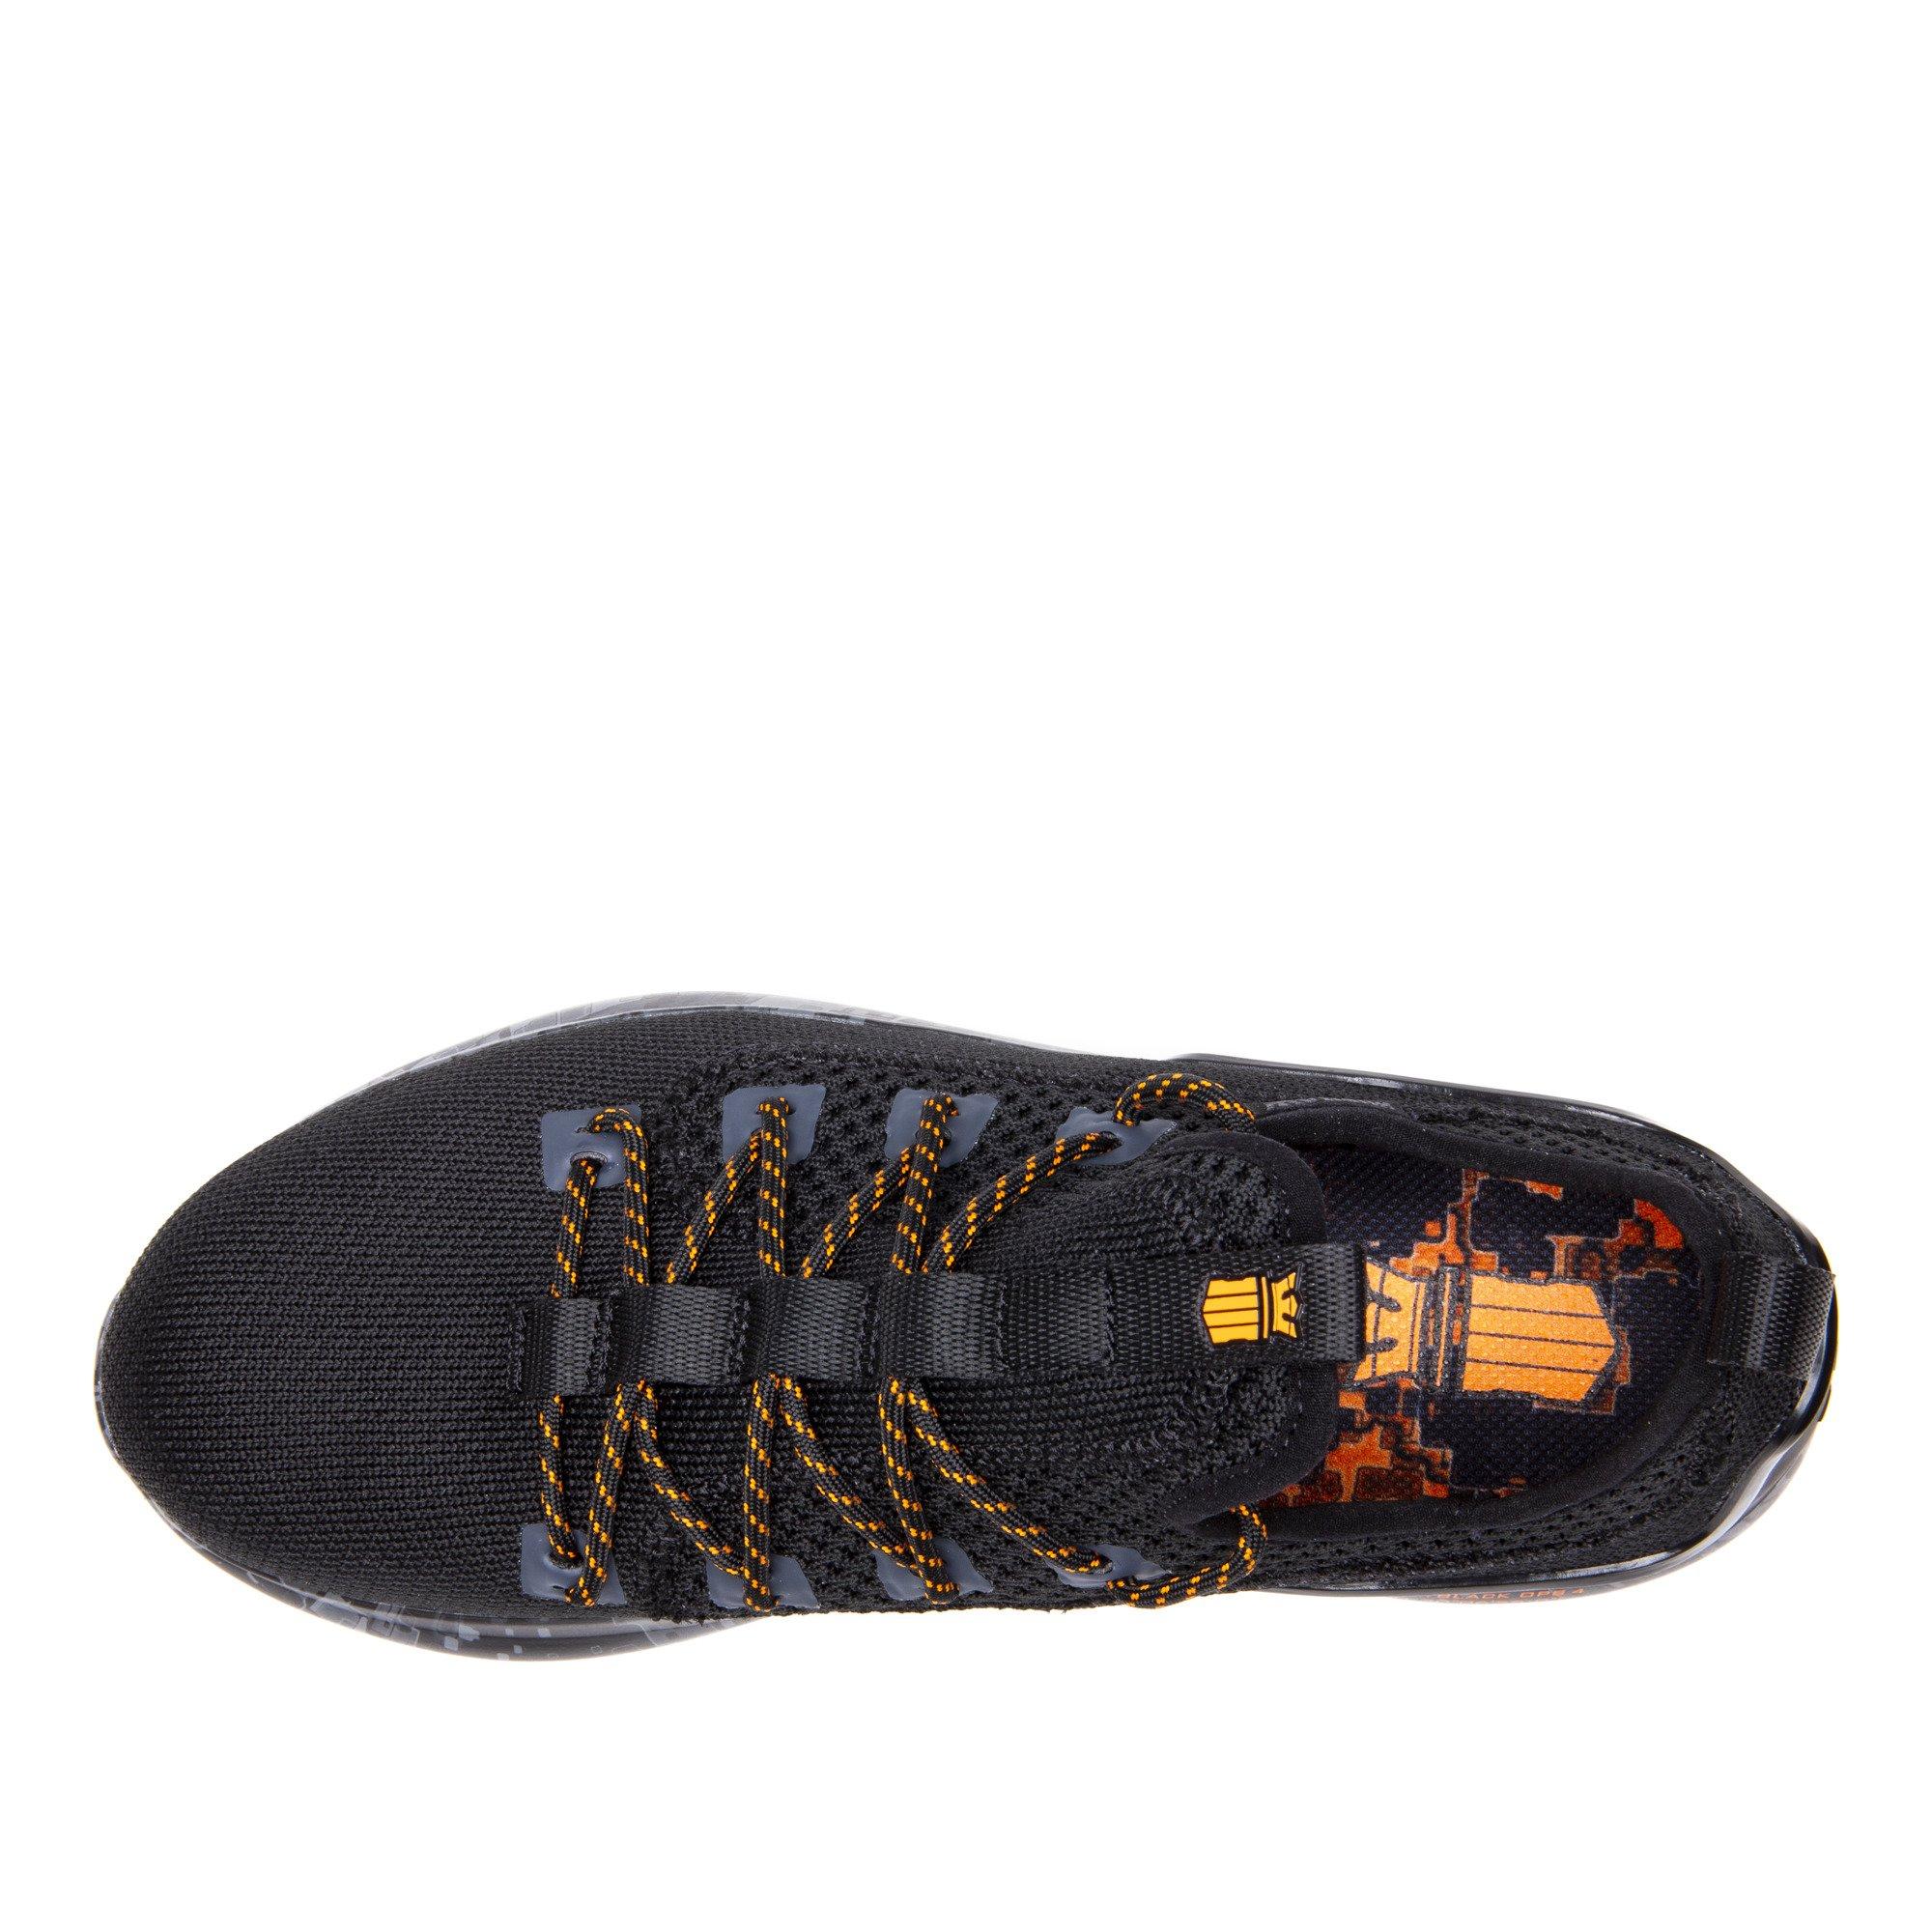 c6715ea6f06 Photos courtesy of SUPRA Footwear